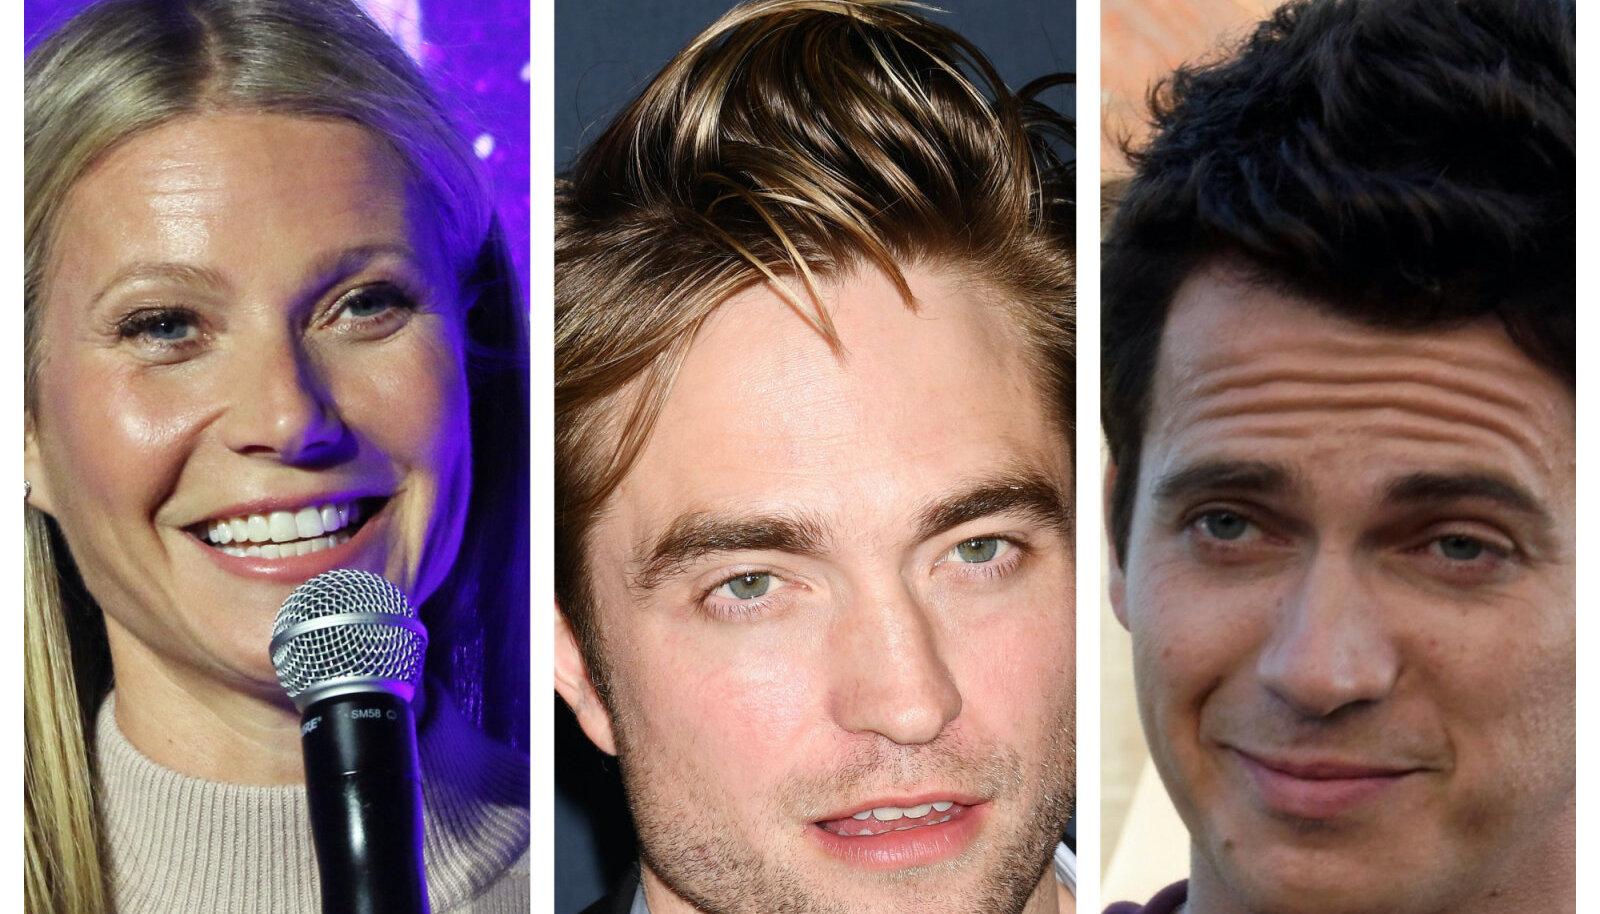 Gwyneth Paltrow/Robert Pattinson/Hayden Christensen